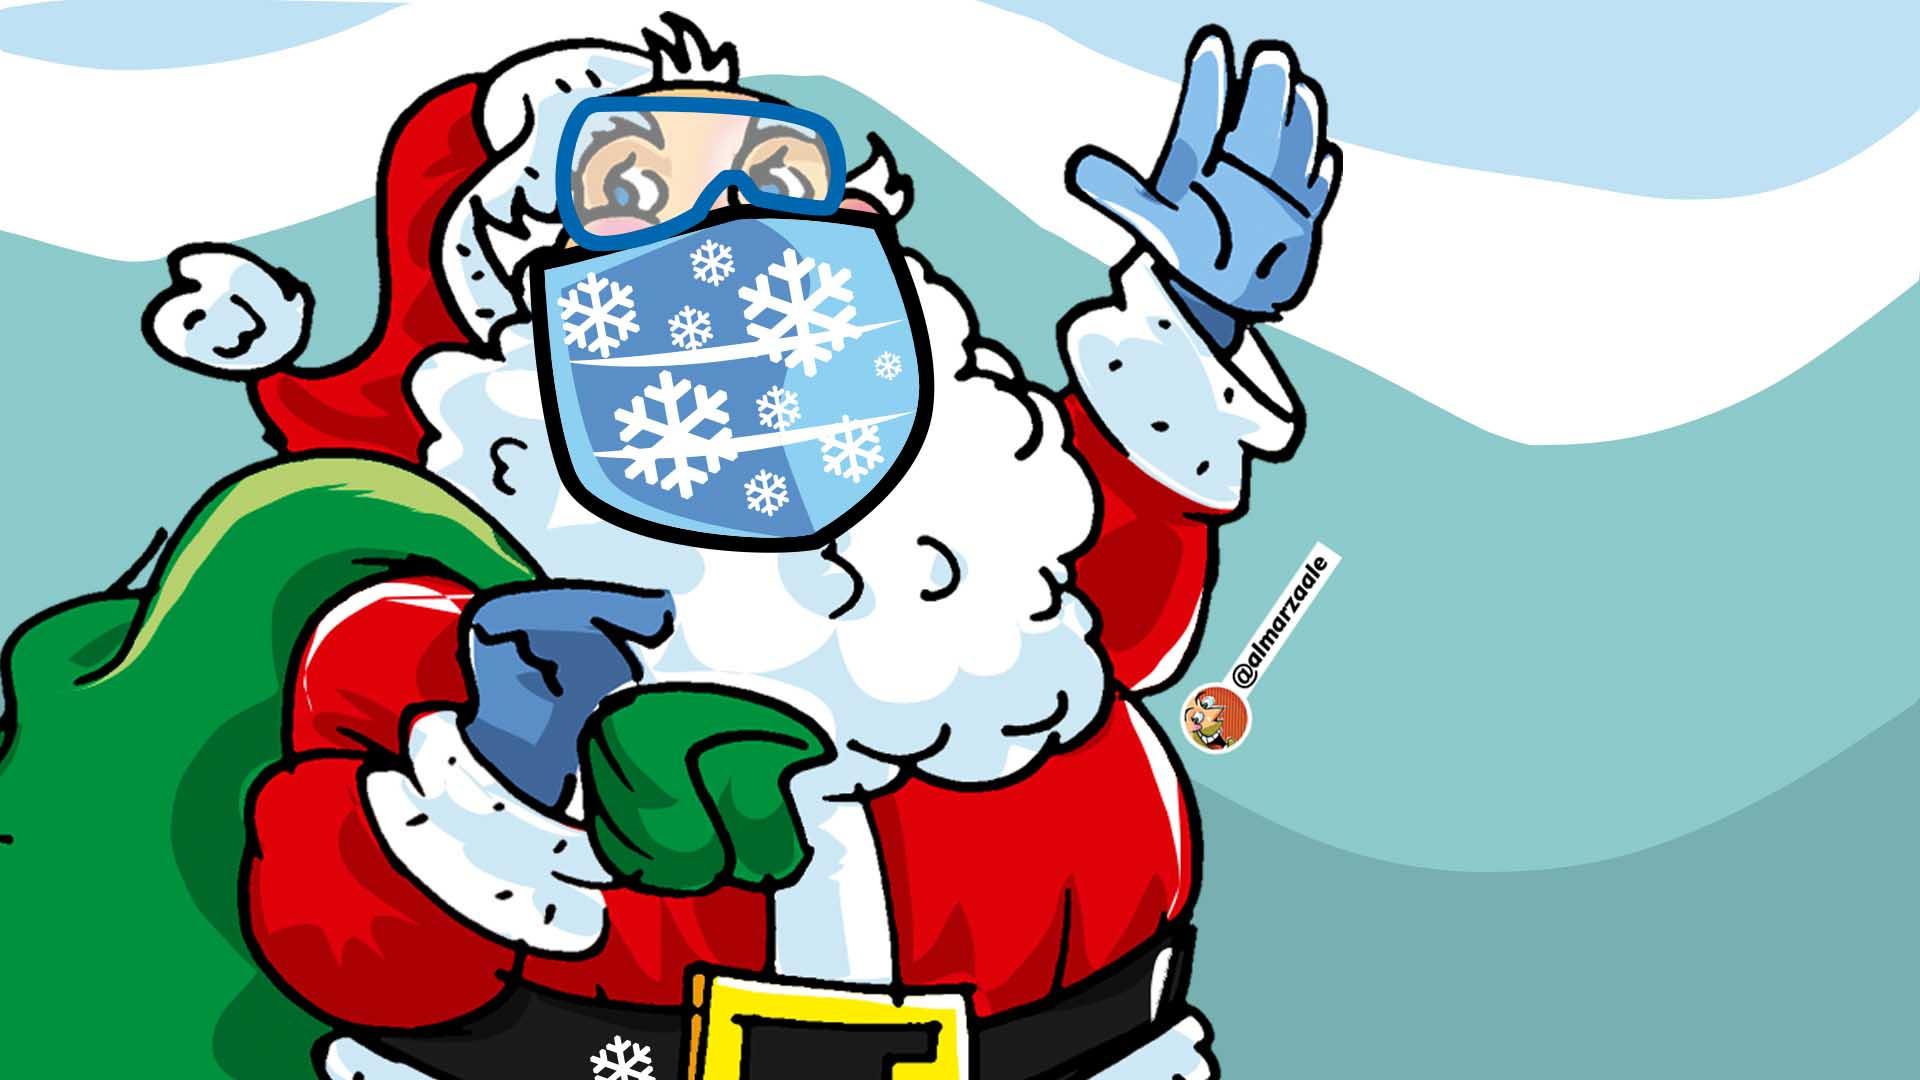 Comunicado de bioseguridad de Santa Claus, por Reuben Morales